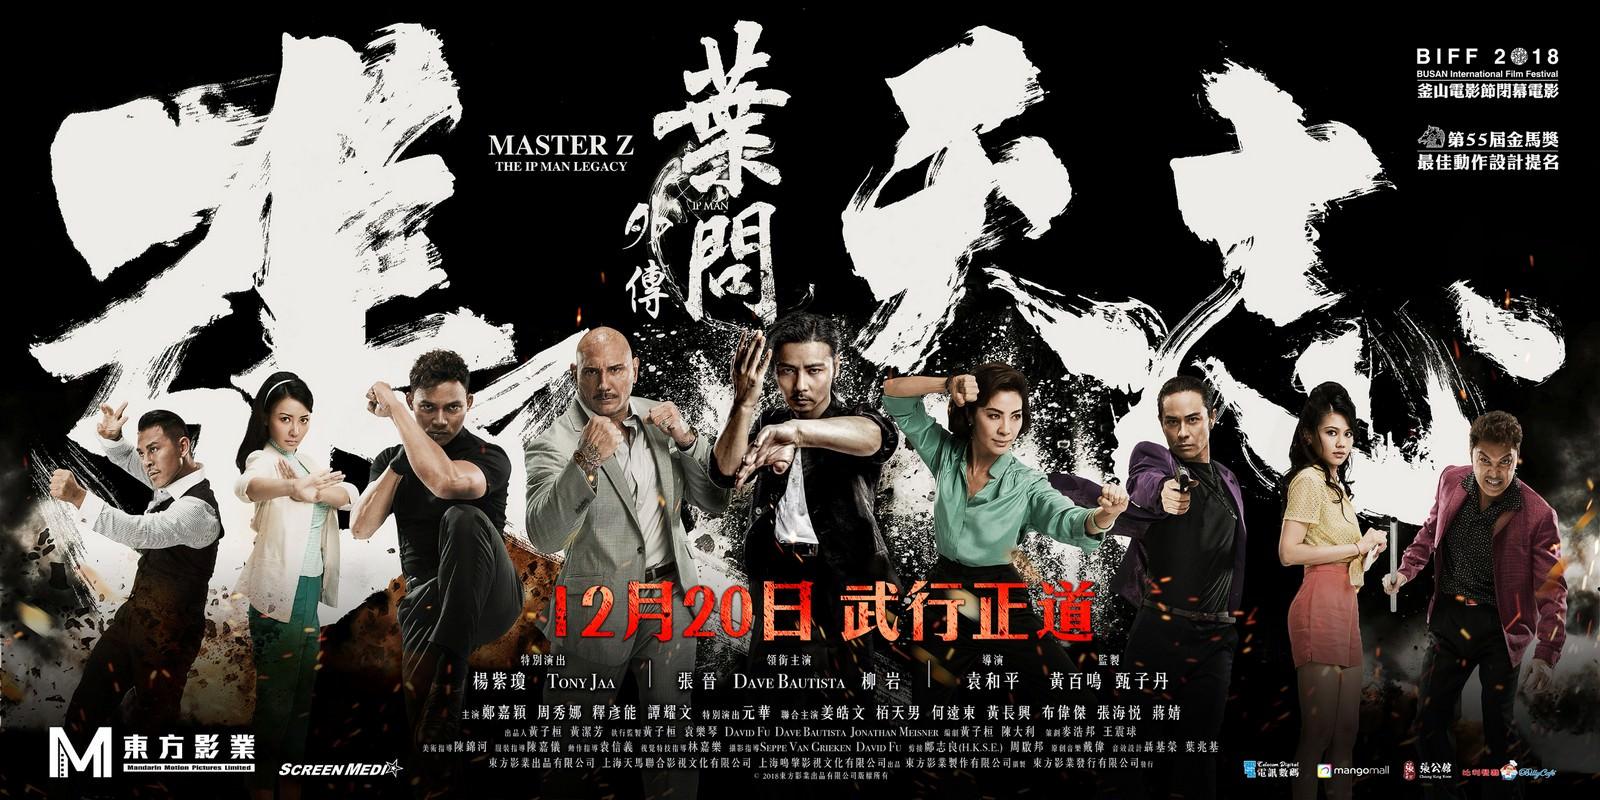 叶问外传:张天志(中国) / master z: ip man legacy(英文), 电影图片